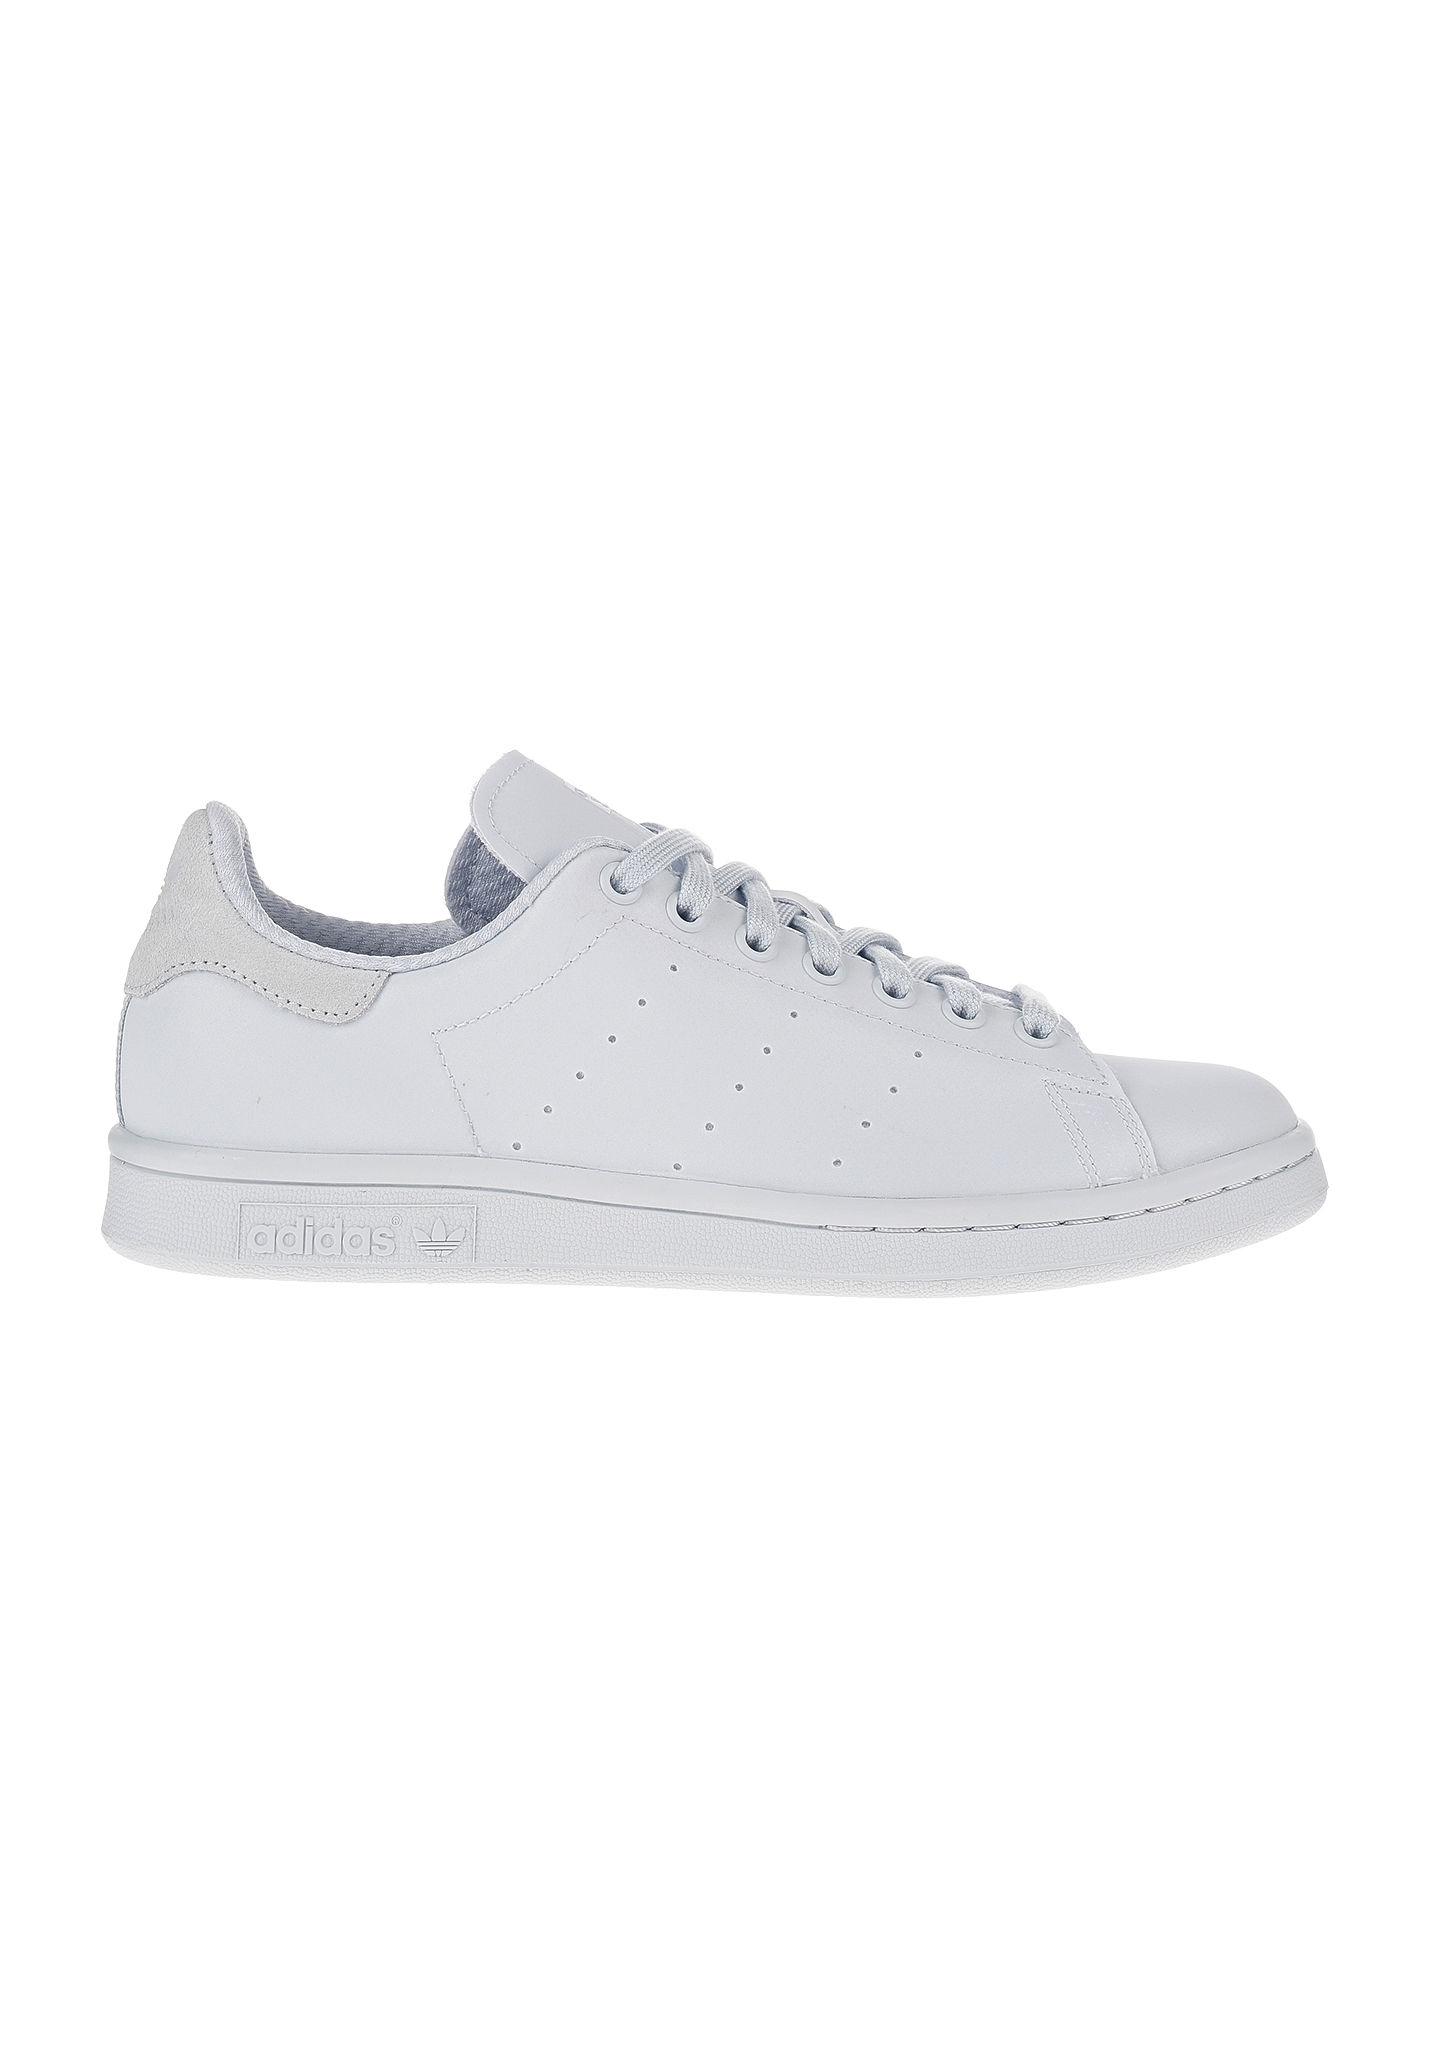 Acheter adidas stan smith belgique original pas cher ici en ligne avec le  prix le plus bas possible. Remises spéciales sur les nouvelles offres 2018. 654fd10a4ffe